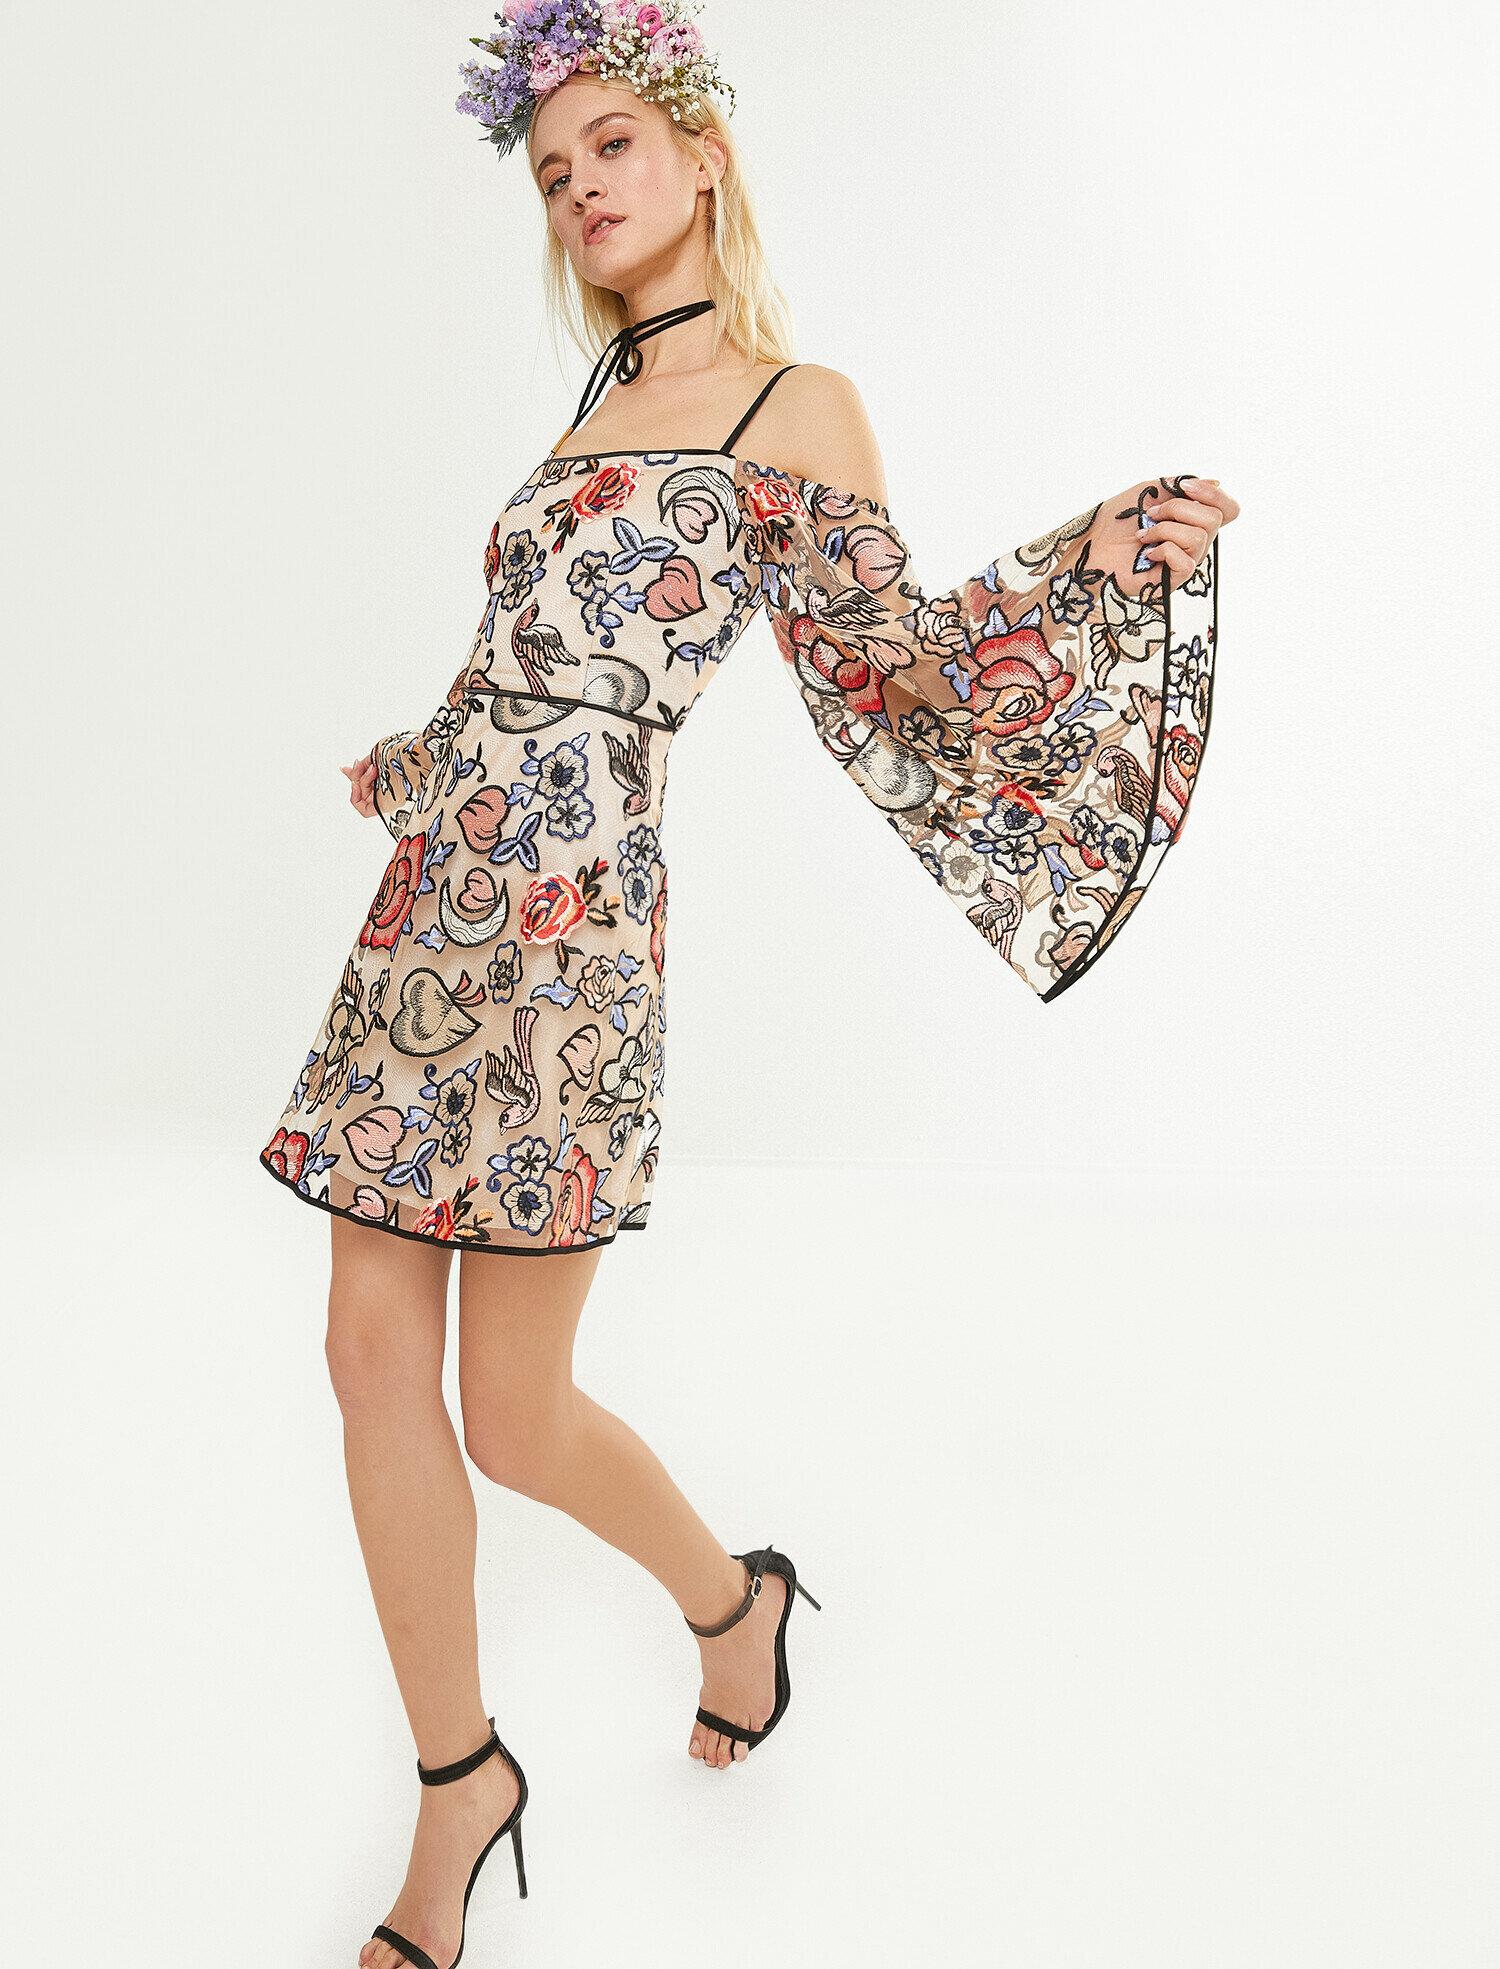 8c0e5e34a5c7f Karma Bayan Zeynep Tosun For Koton Çiçek Desenli Elbise ...